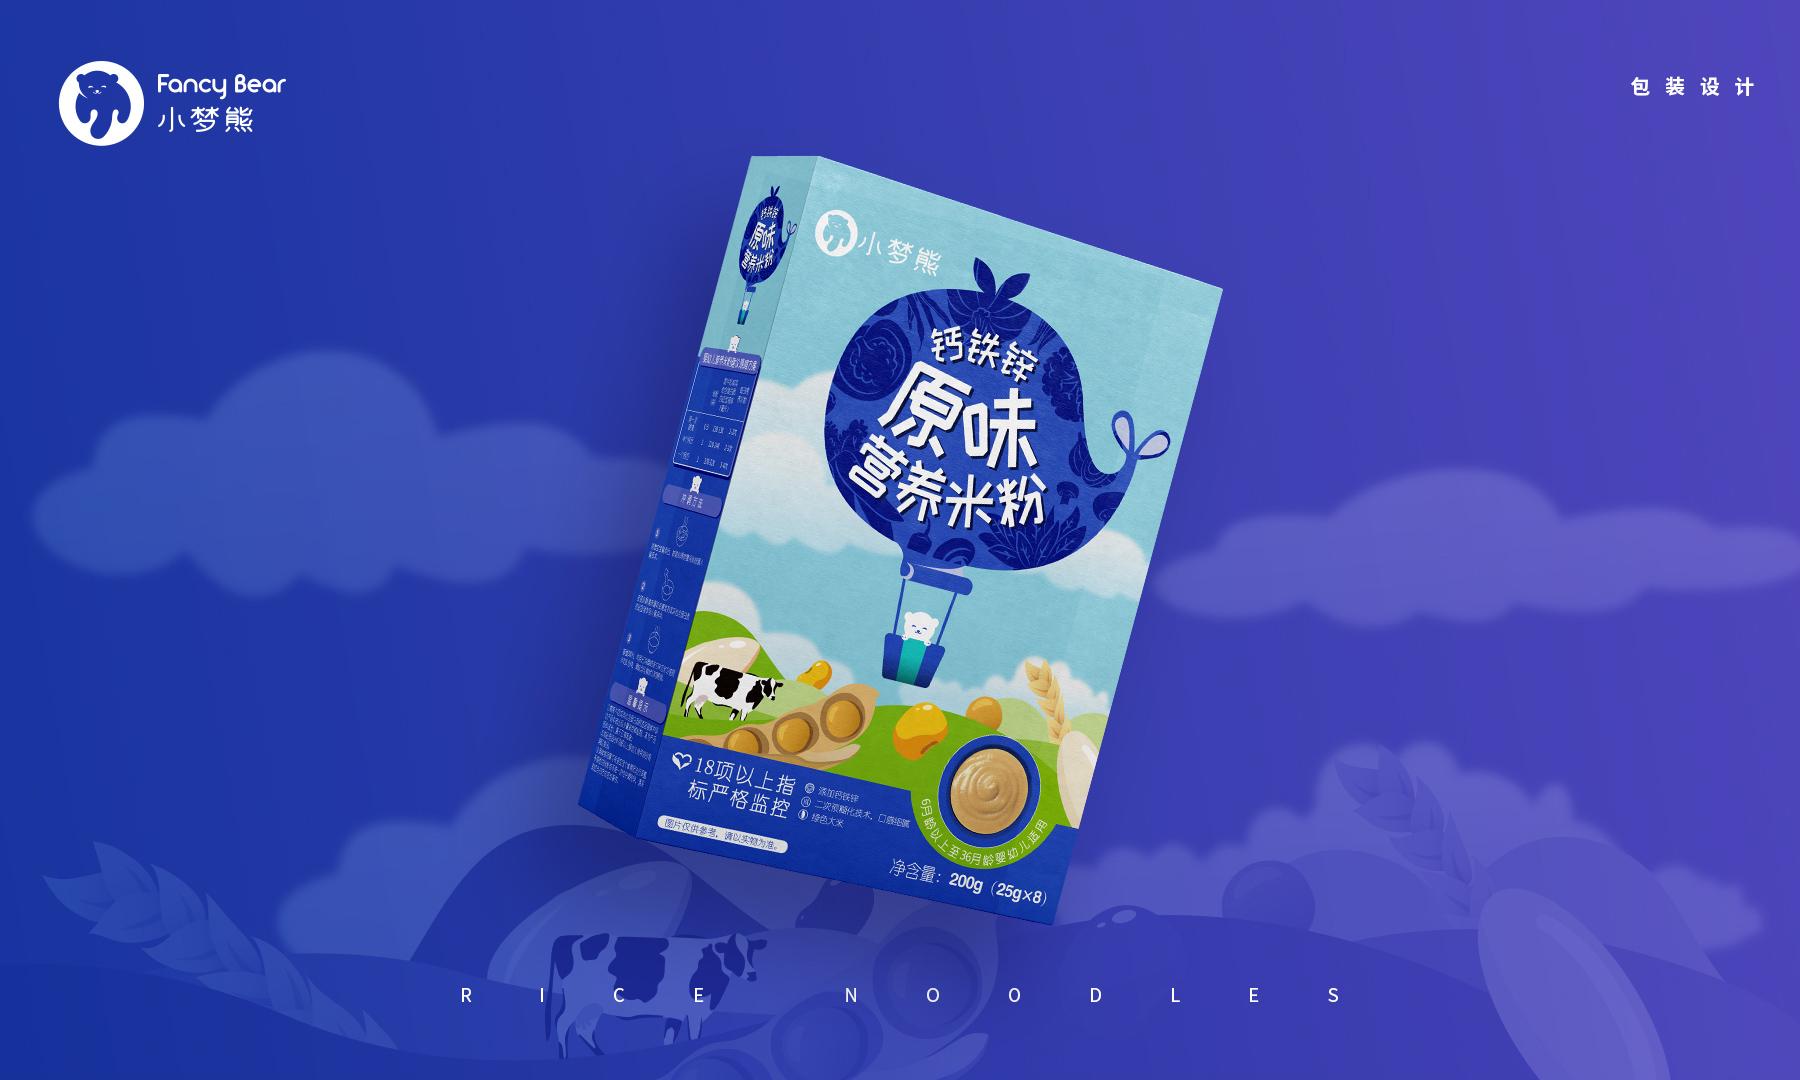 小梦熊-包装展示页面_02.jpg